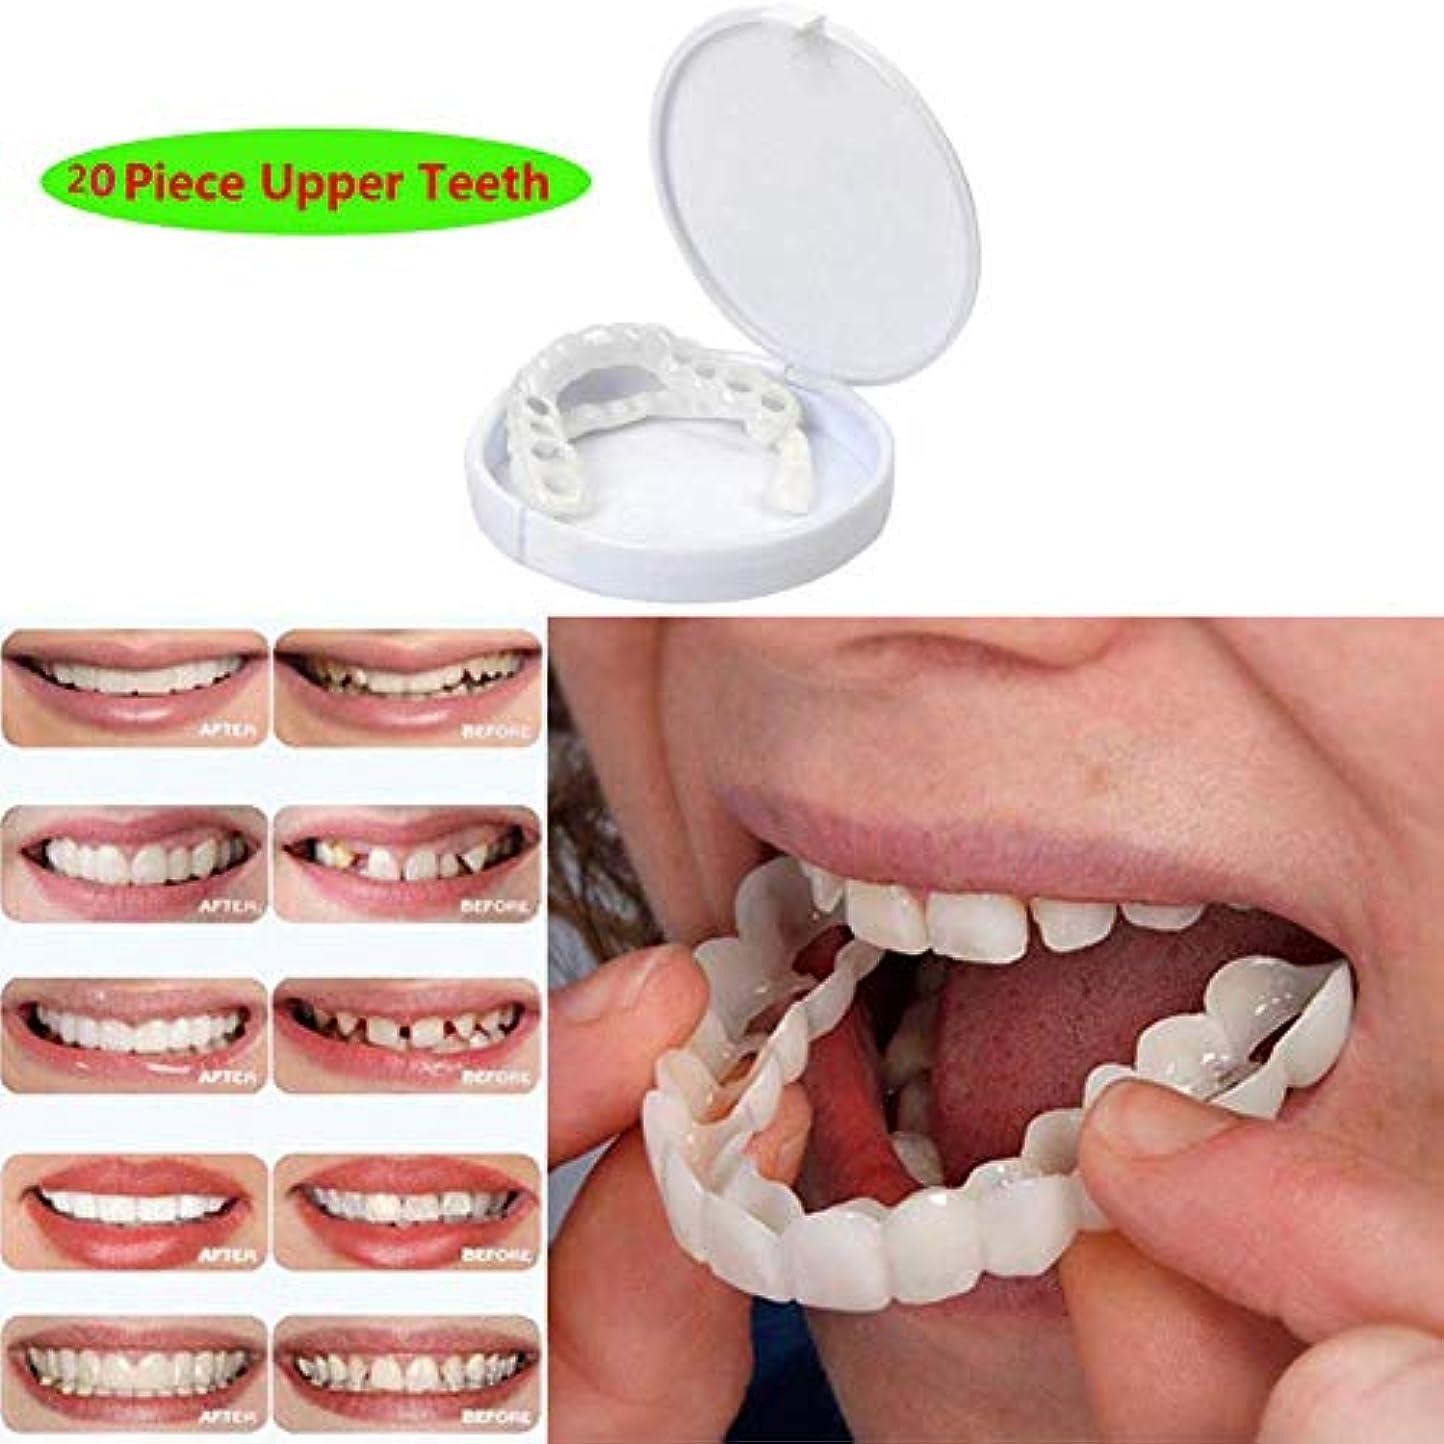 伝染性カフェテリアキャラバン20Pcs一時的な化粧品の歯の義歯の化粧品は白くなることを模倣した上括弧を模倣しました